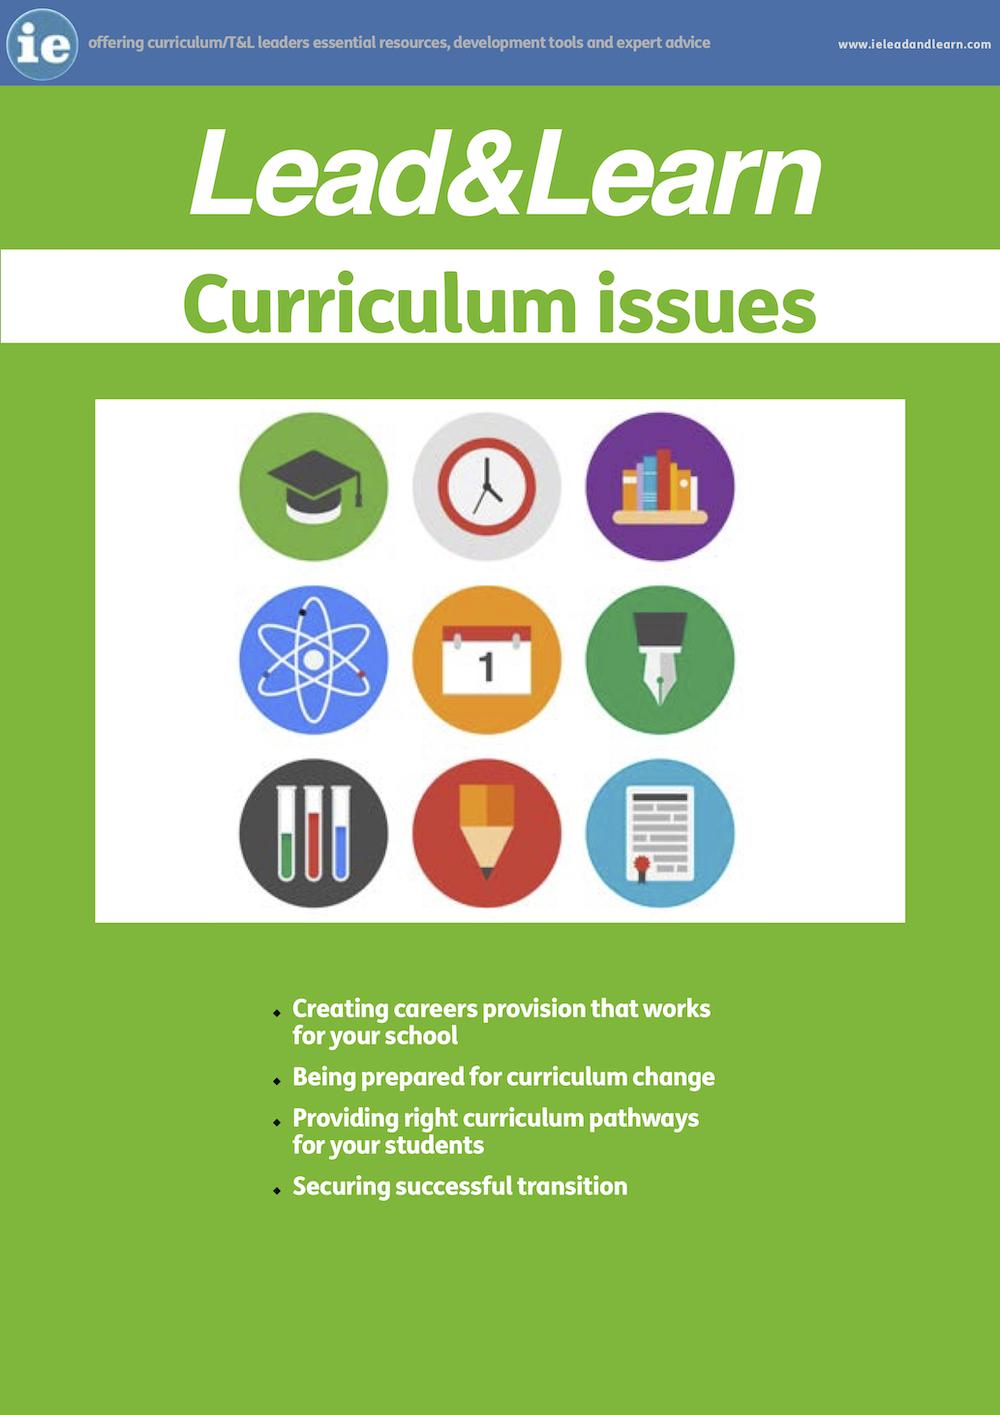 Curriculum Issues - Improve Curriculum Management